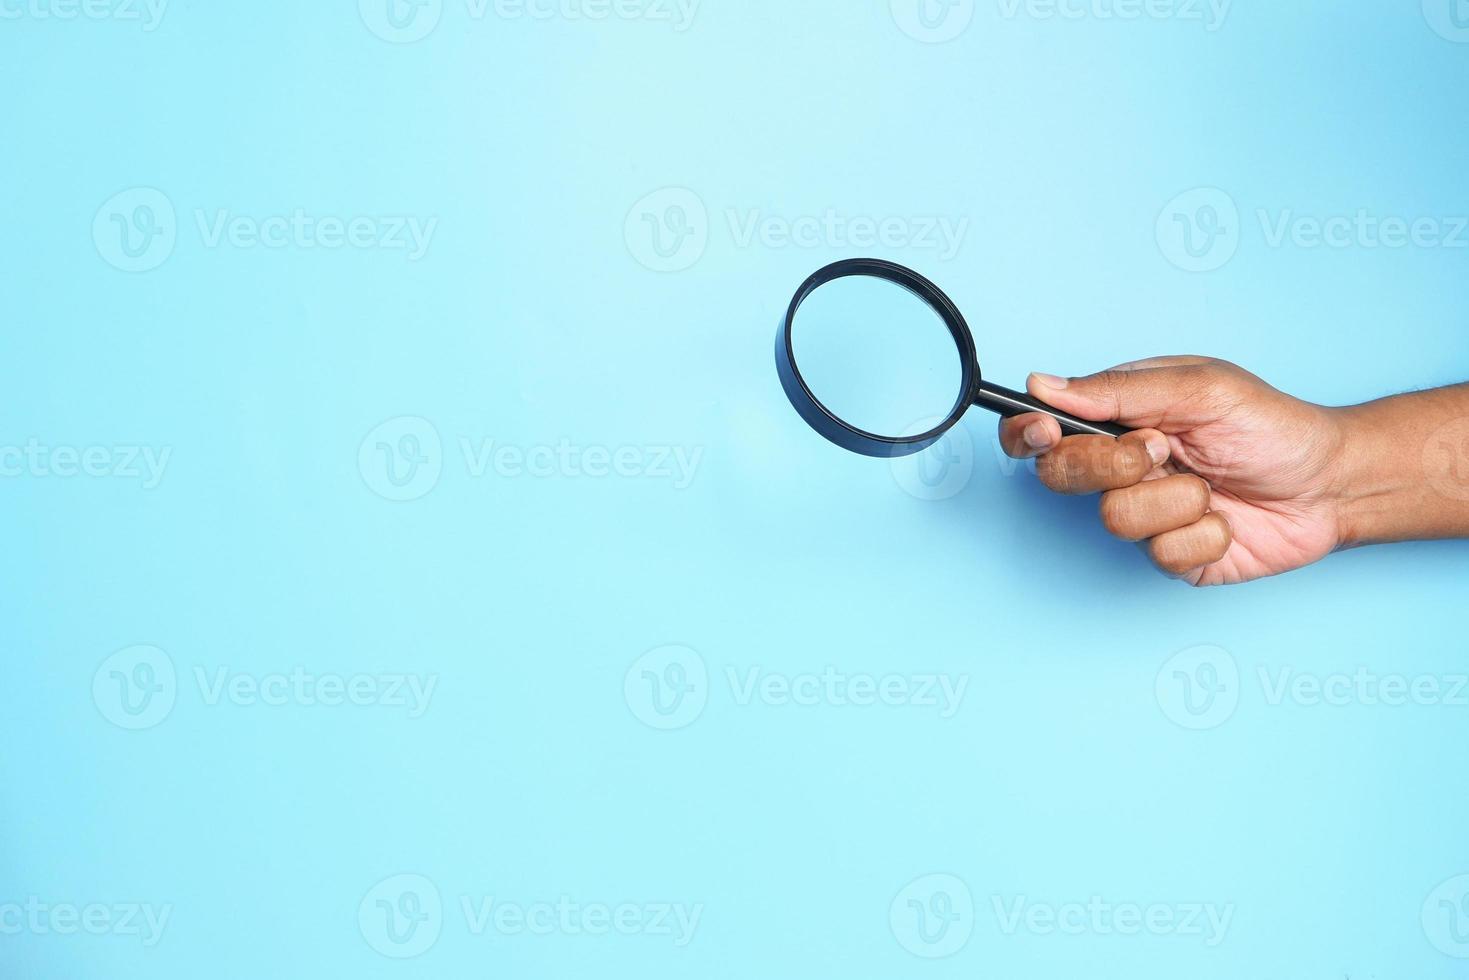 mão segurando uma lupa sobre um fundo azul foto